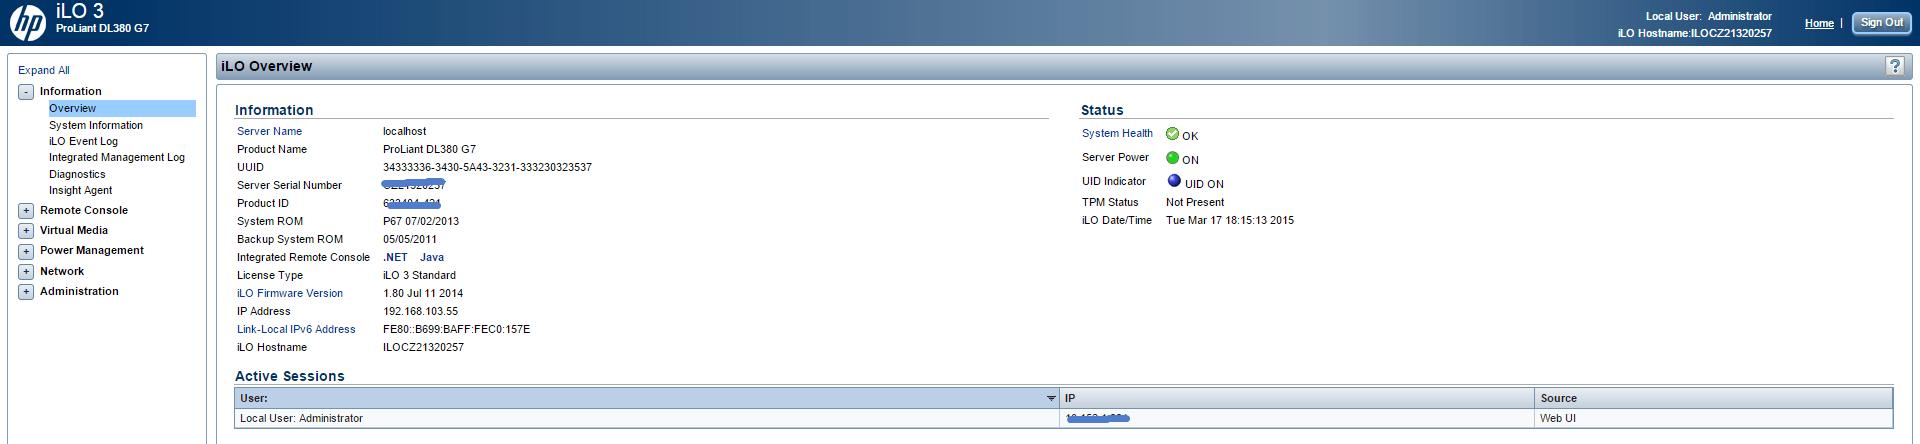 Как настроить ILO порт на HP dl380 g7 через ESXI 5.5-11